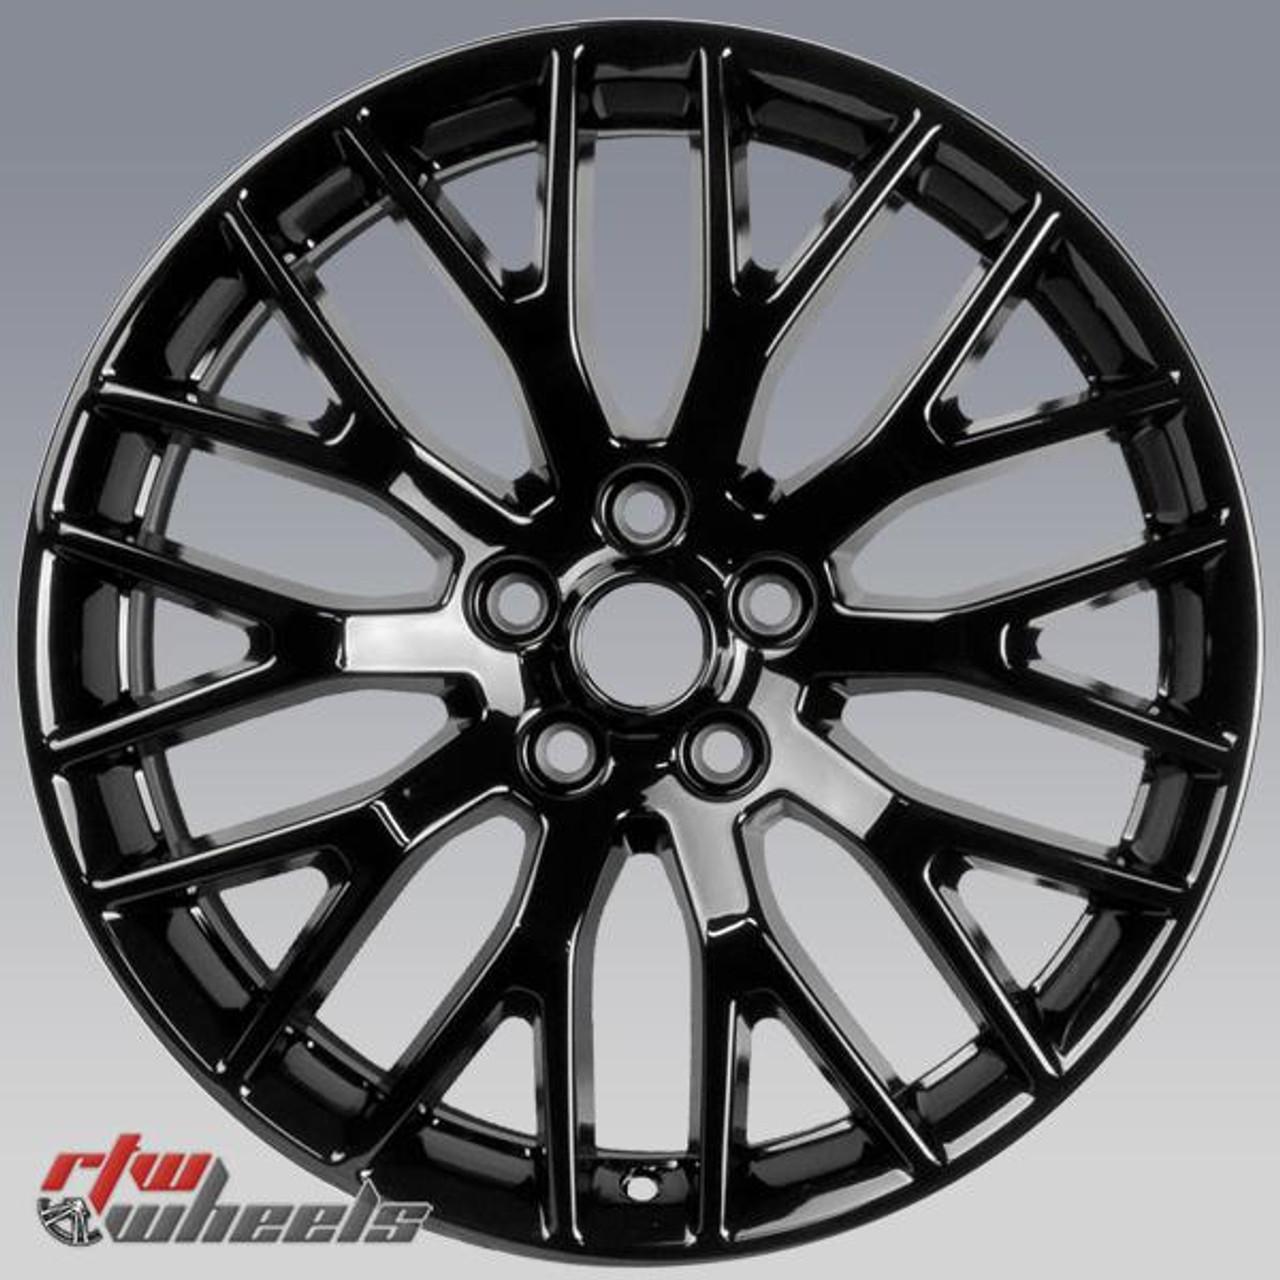 2015 Mustang Wheels >> 19 Ford Mustang Oem Wheels 2015 2017 Black Rims 10036